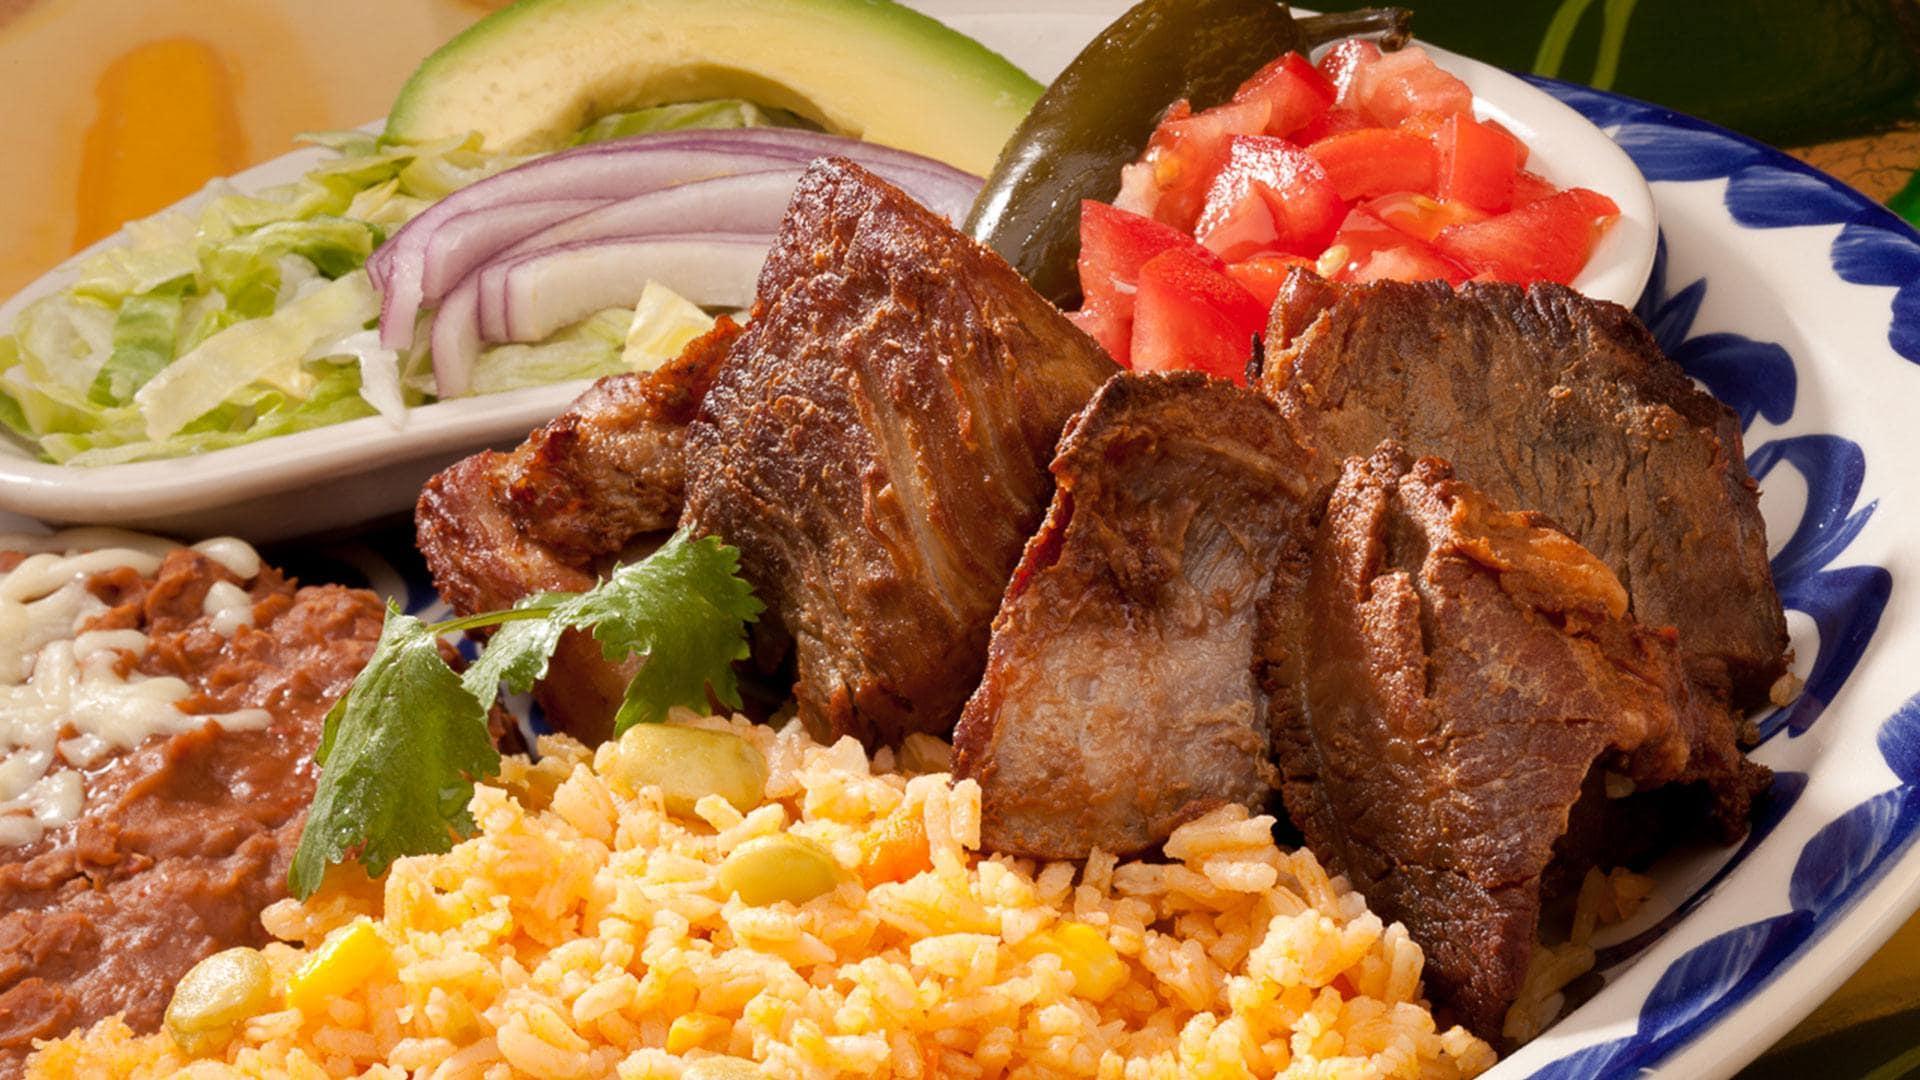 Menu  Authentic Mexican Cuisine  La Mesa Mexican Restaurant